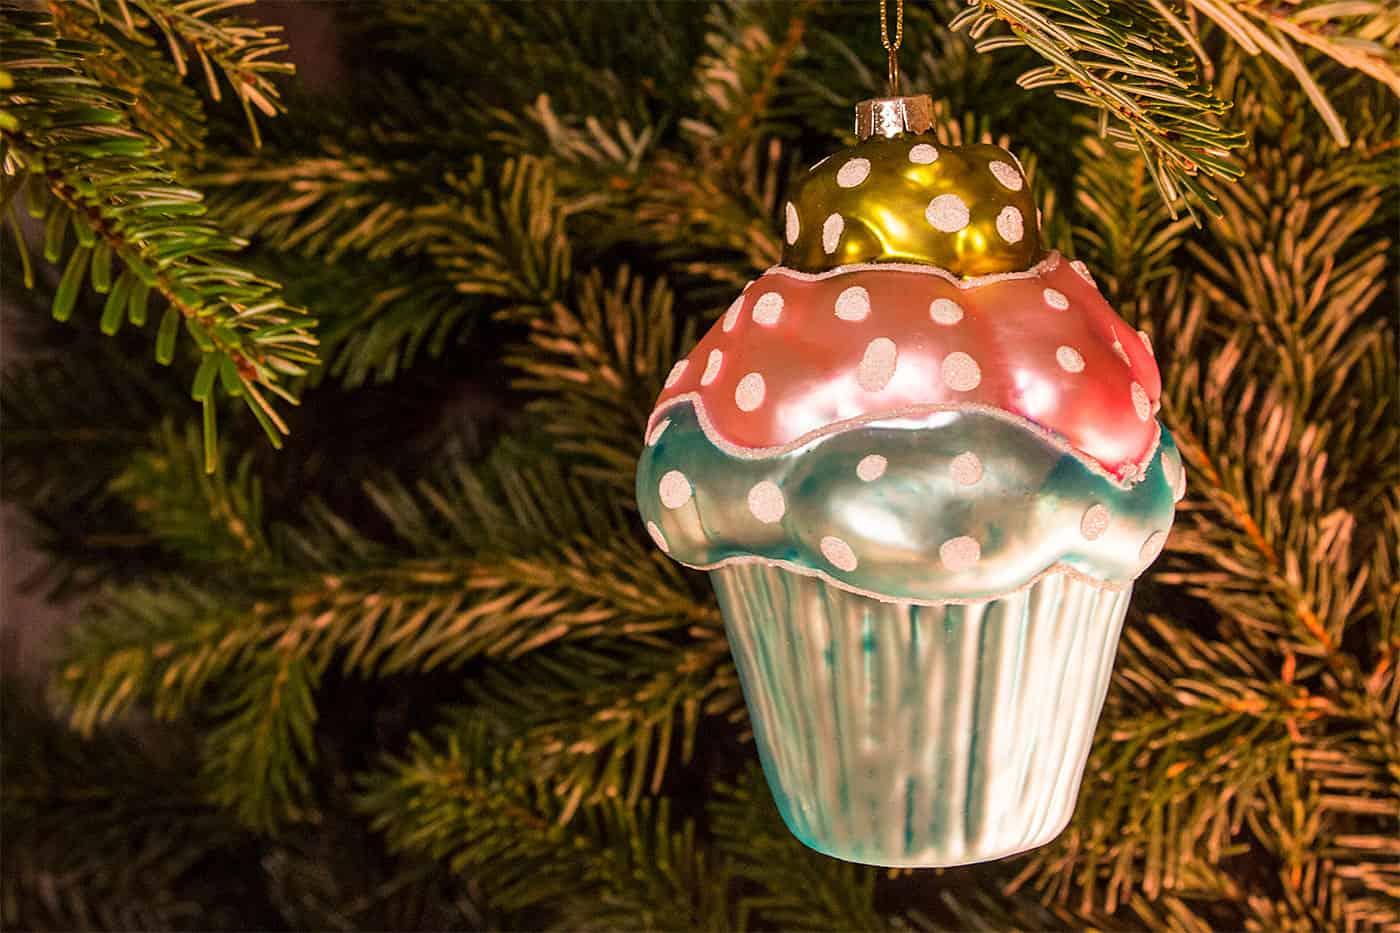 Lustige Weihnachtskugeln.Lustige Weihnachtskugeln Entdecken Und Online Bestellen